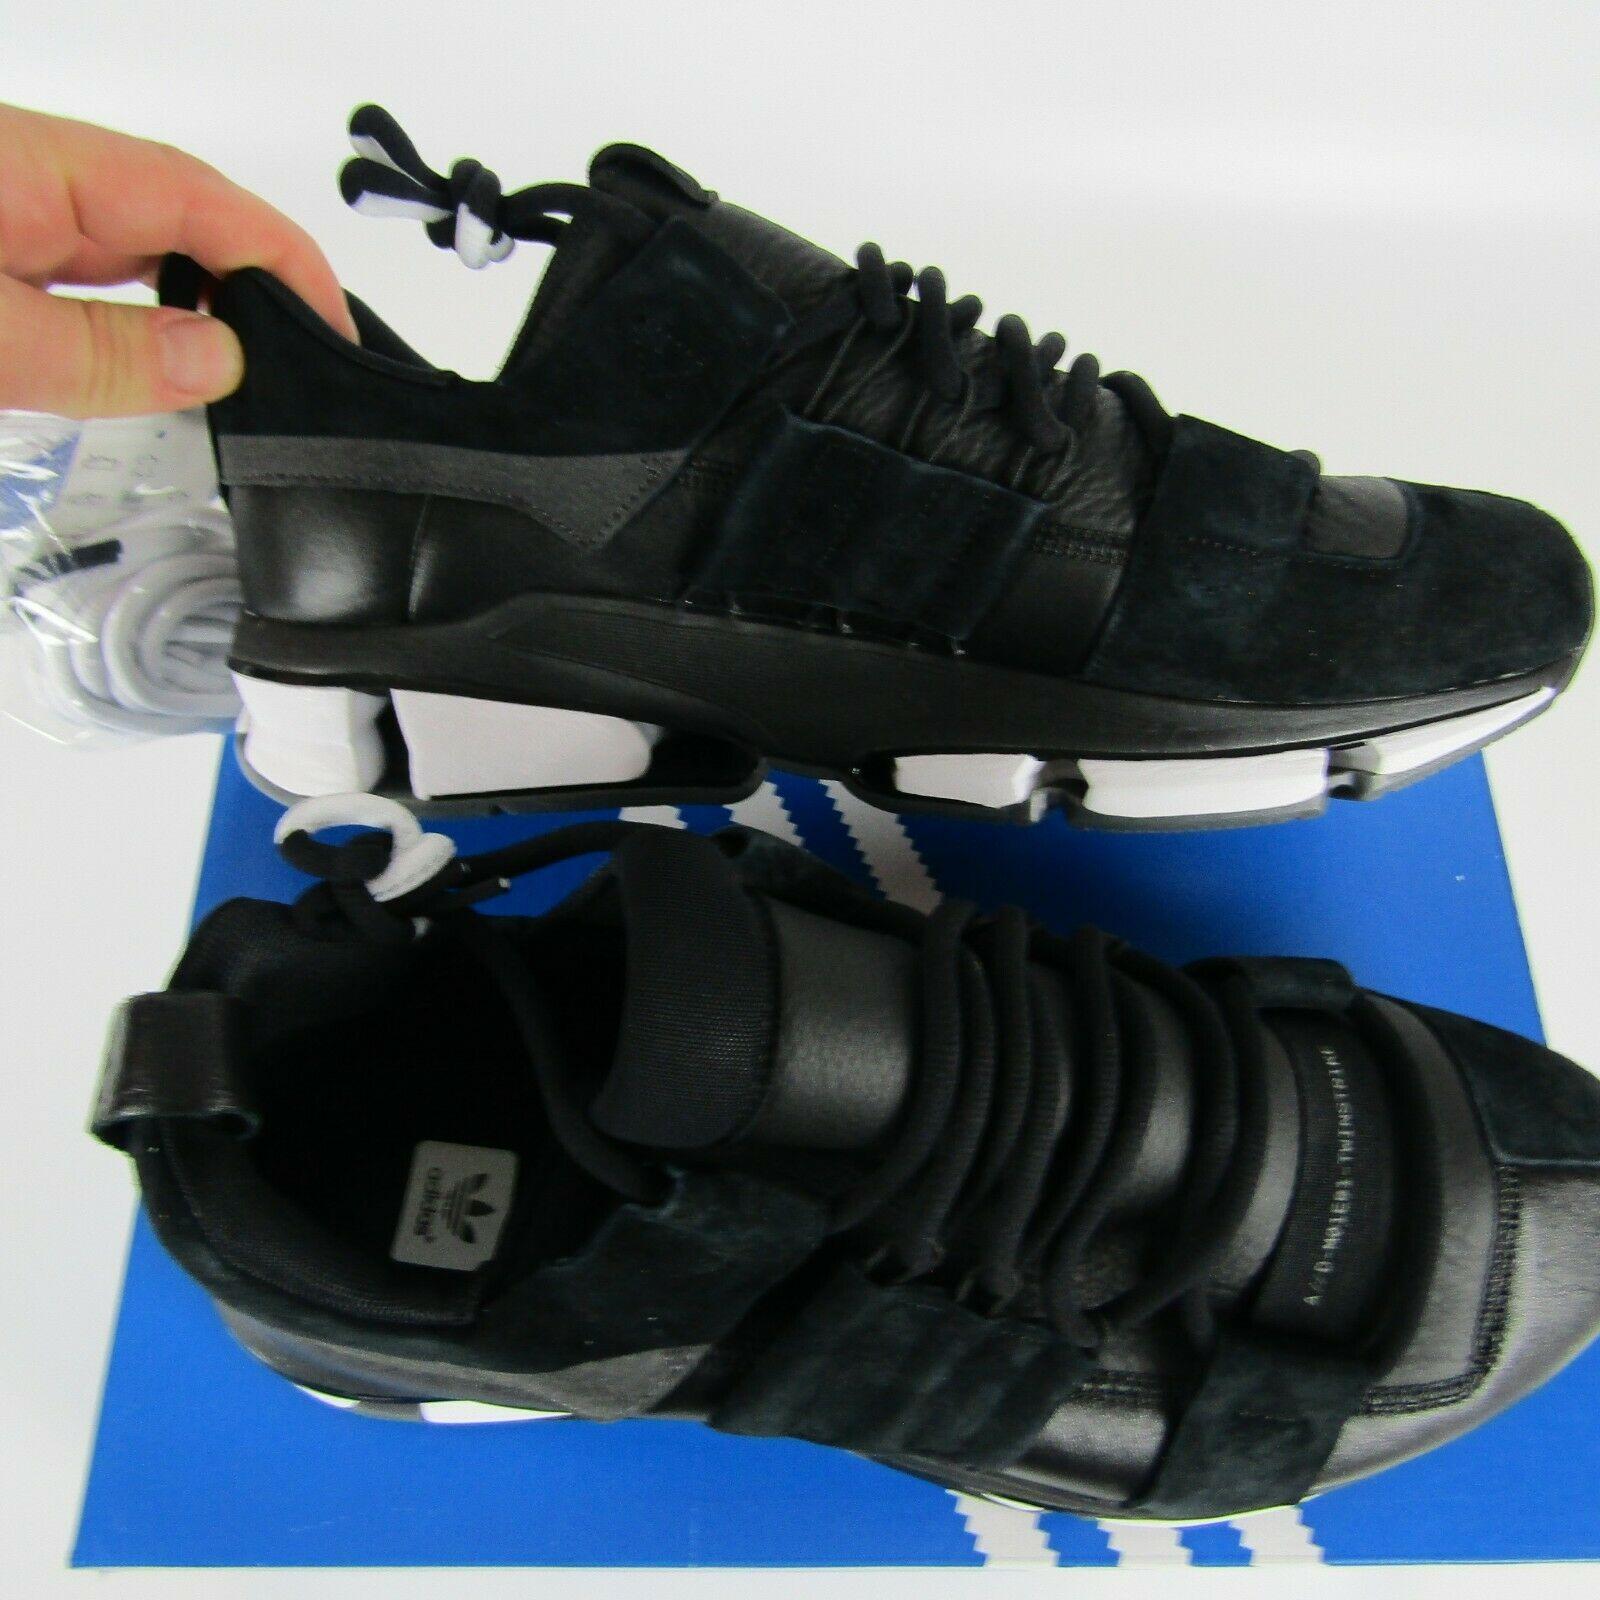 Adidas Twinstrike Adv Elástico Cuero Casual Zapatos Negros Blanco B28015 Size 13 image 6